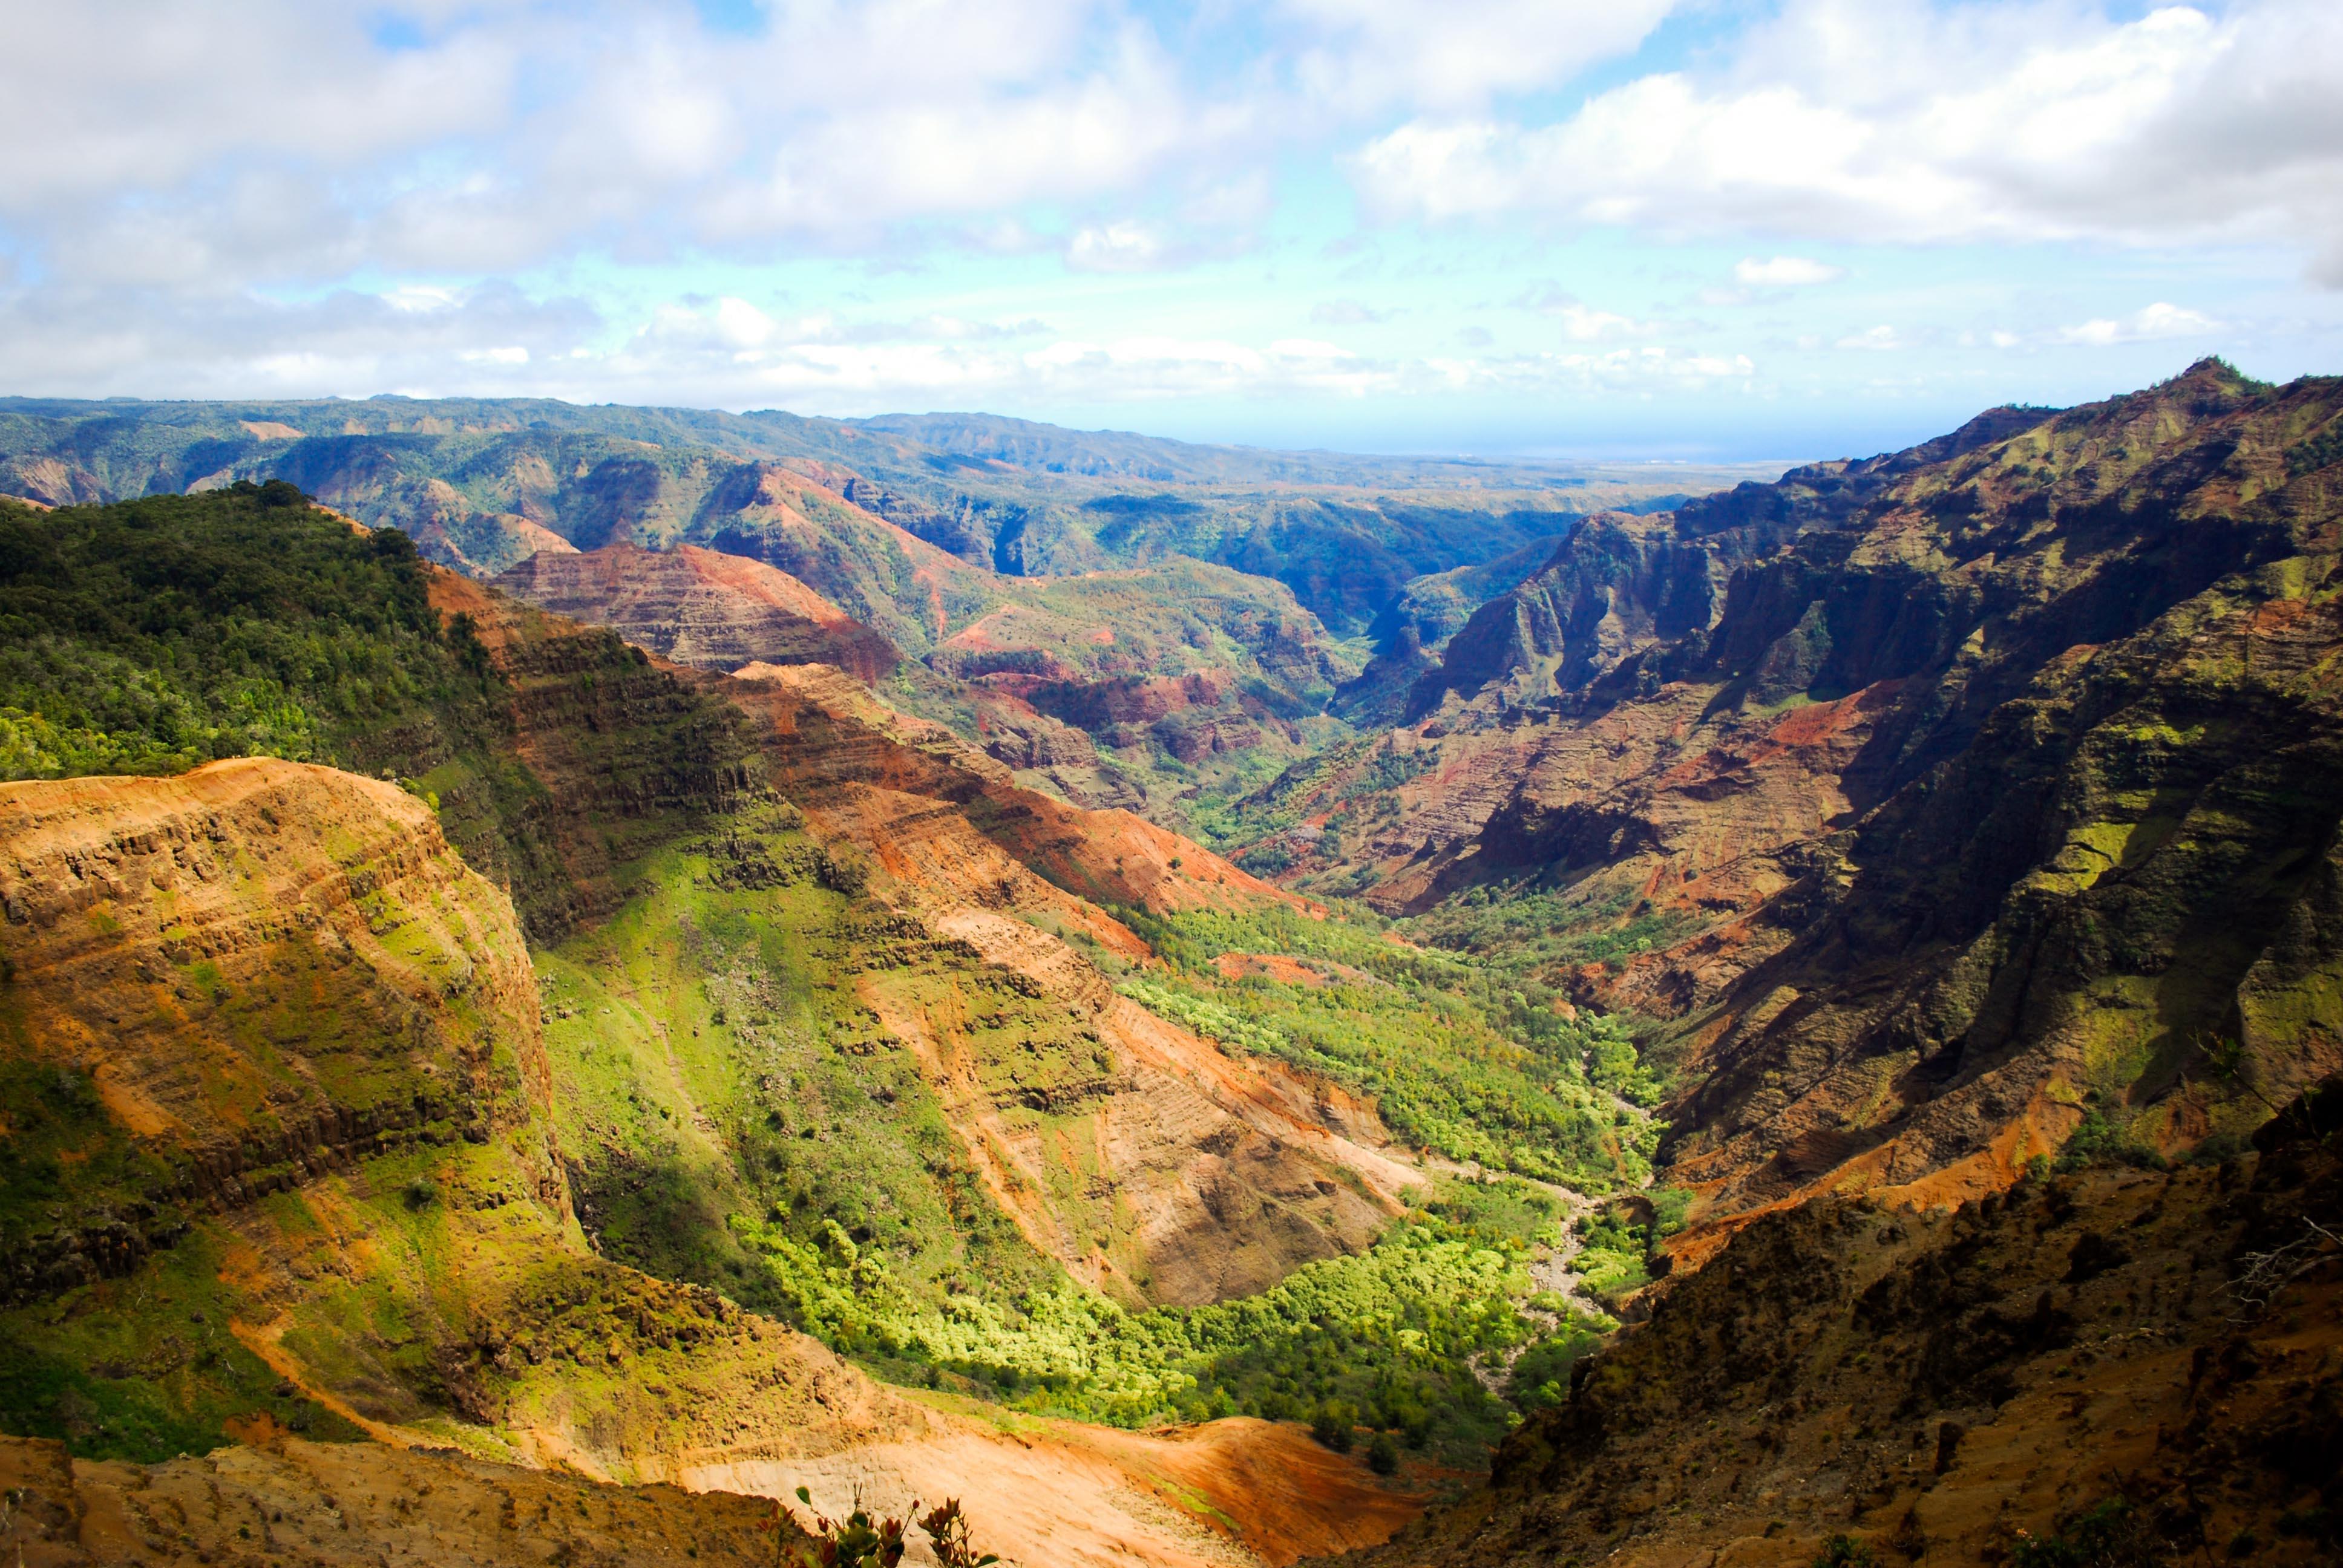 今まで見逃してたでしょ!?ハワイで絶対訪れたい絶景スポット5選